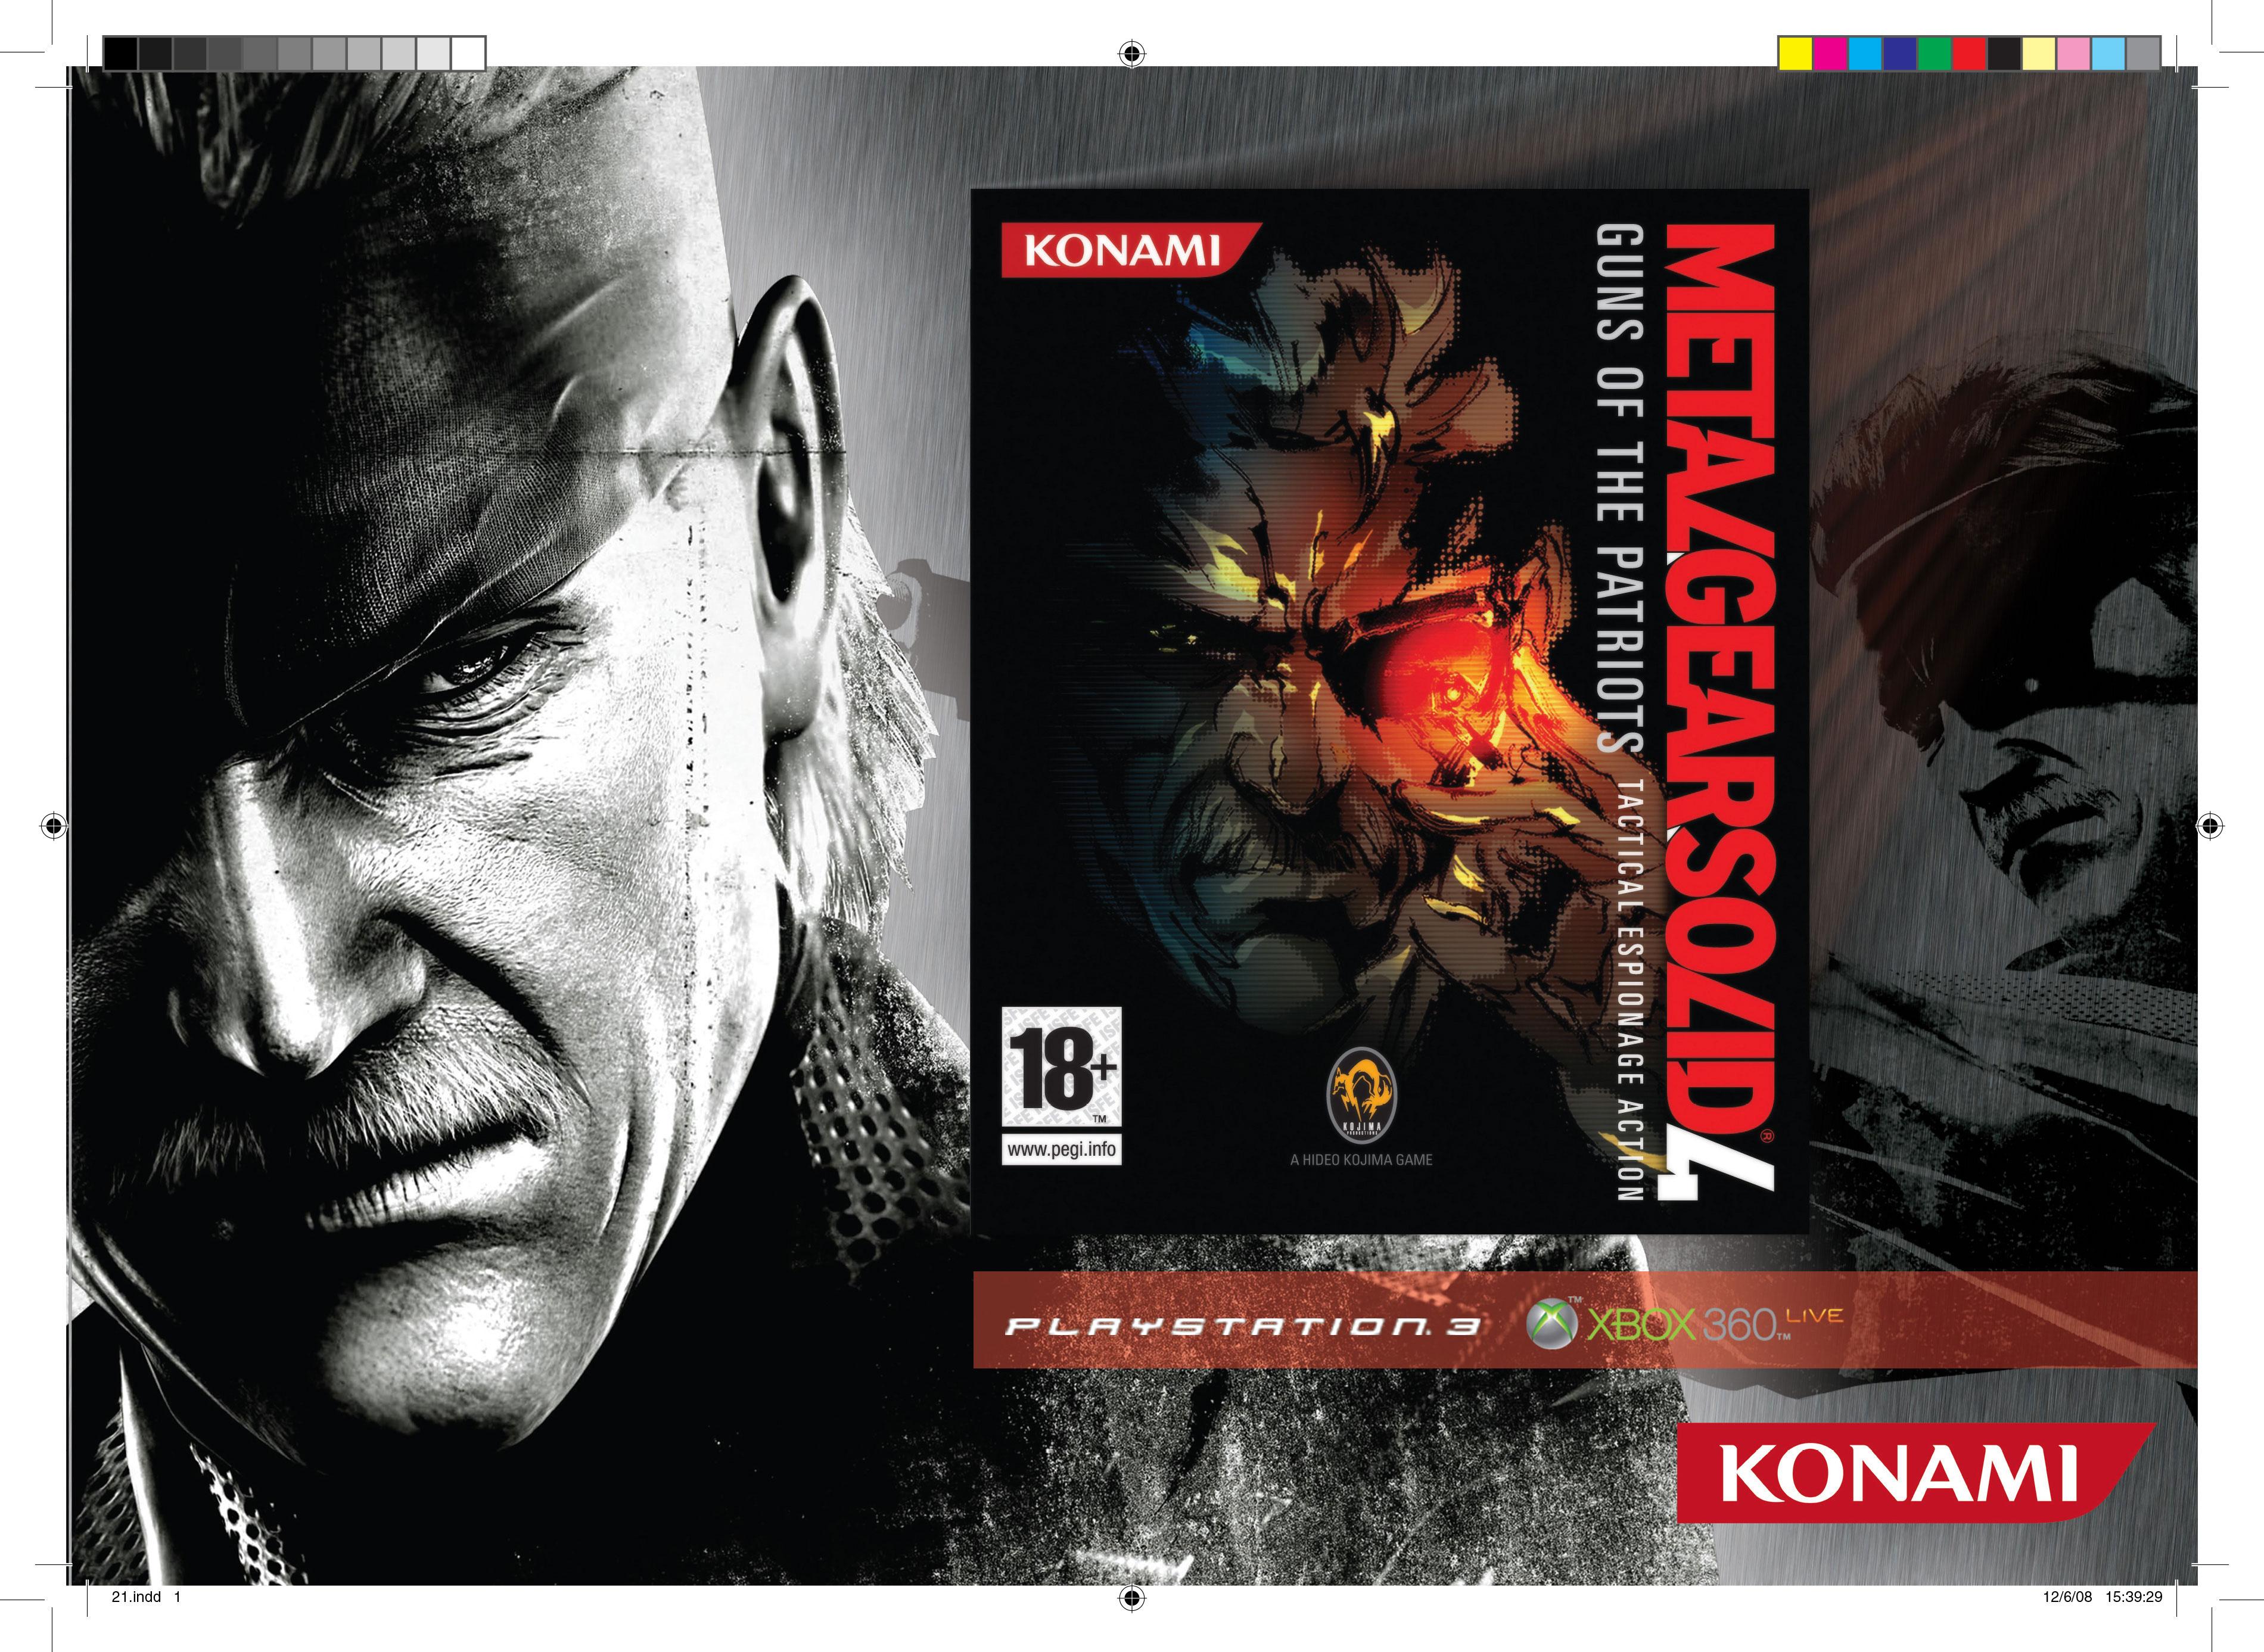 Publicidad catalogo Konami